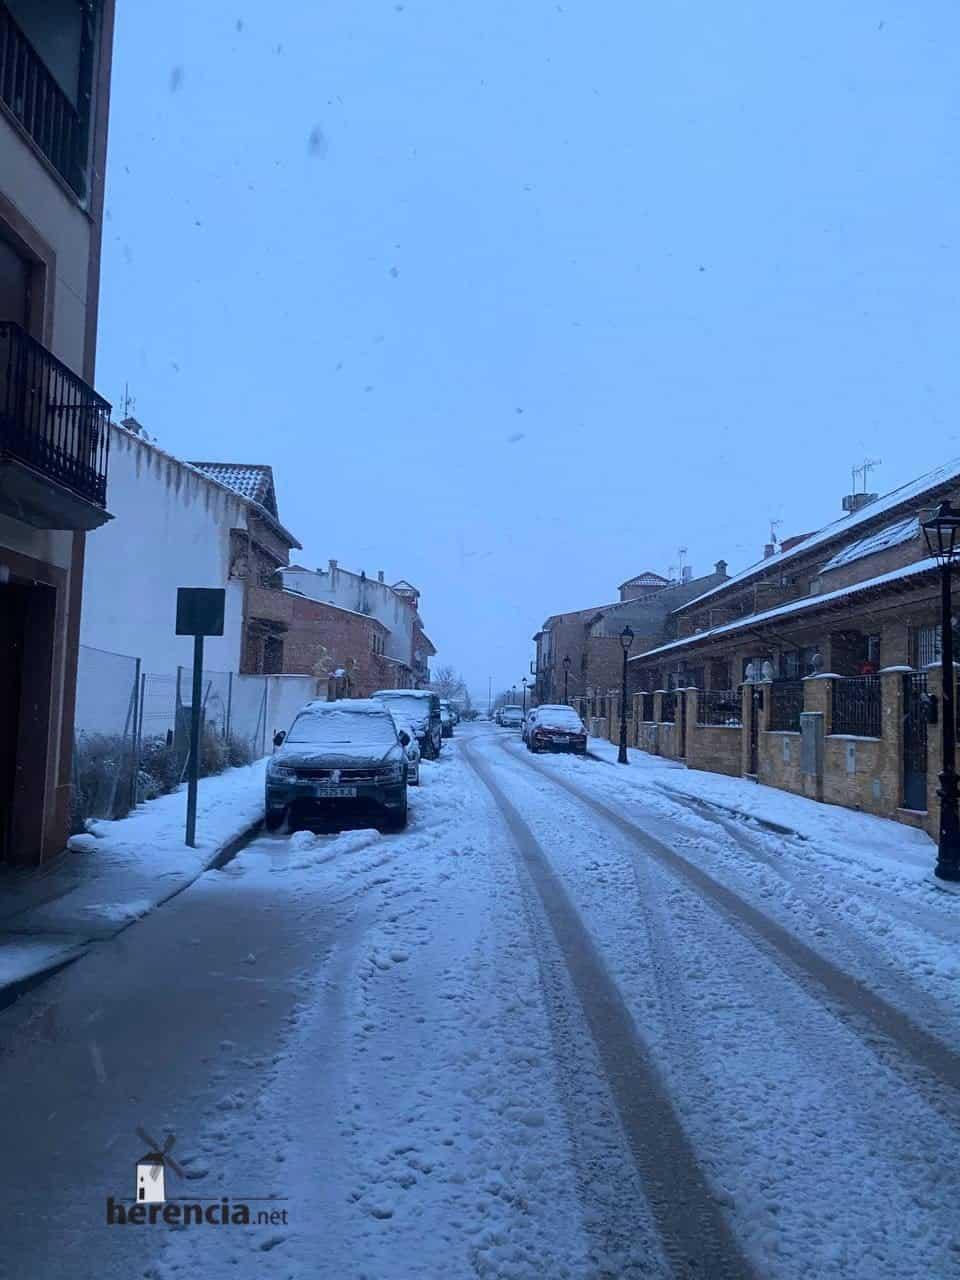 Fotografías de la nevada en Herencia (Ciudad Real) 67